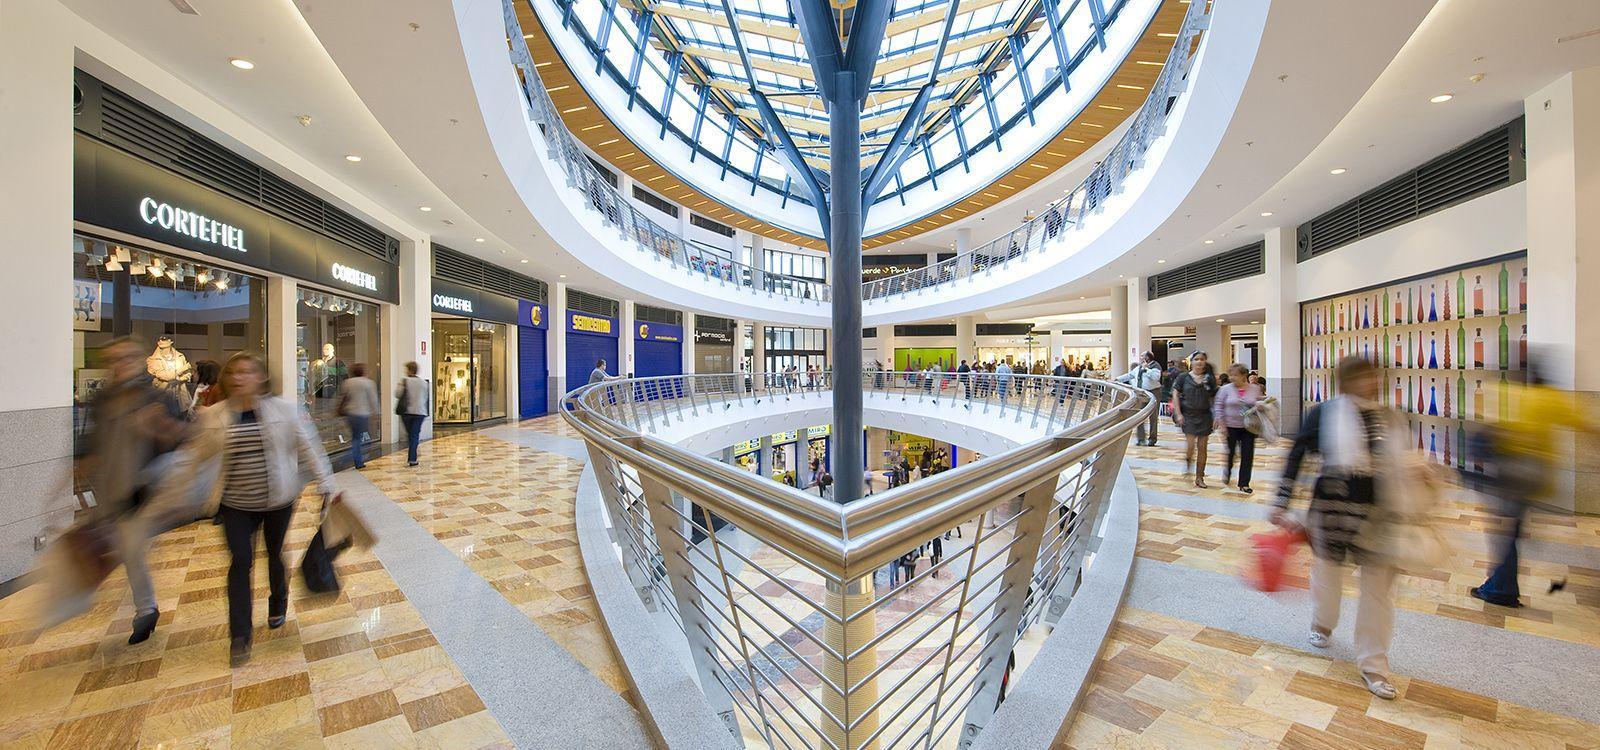 购物中心如何选址,设在哪里比较好?